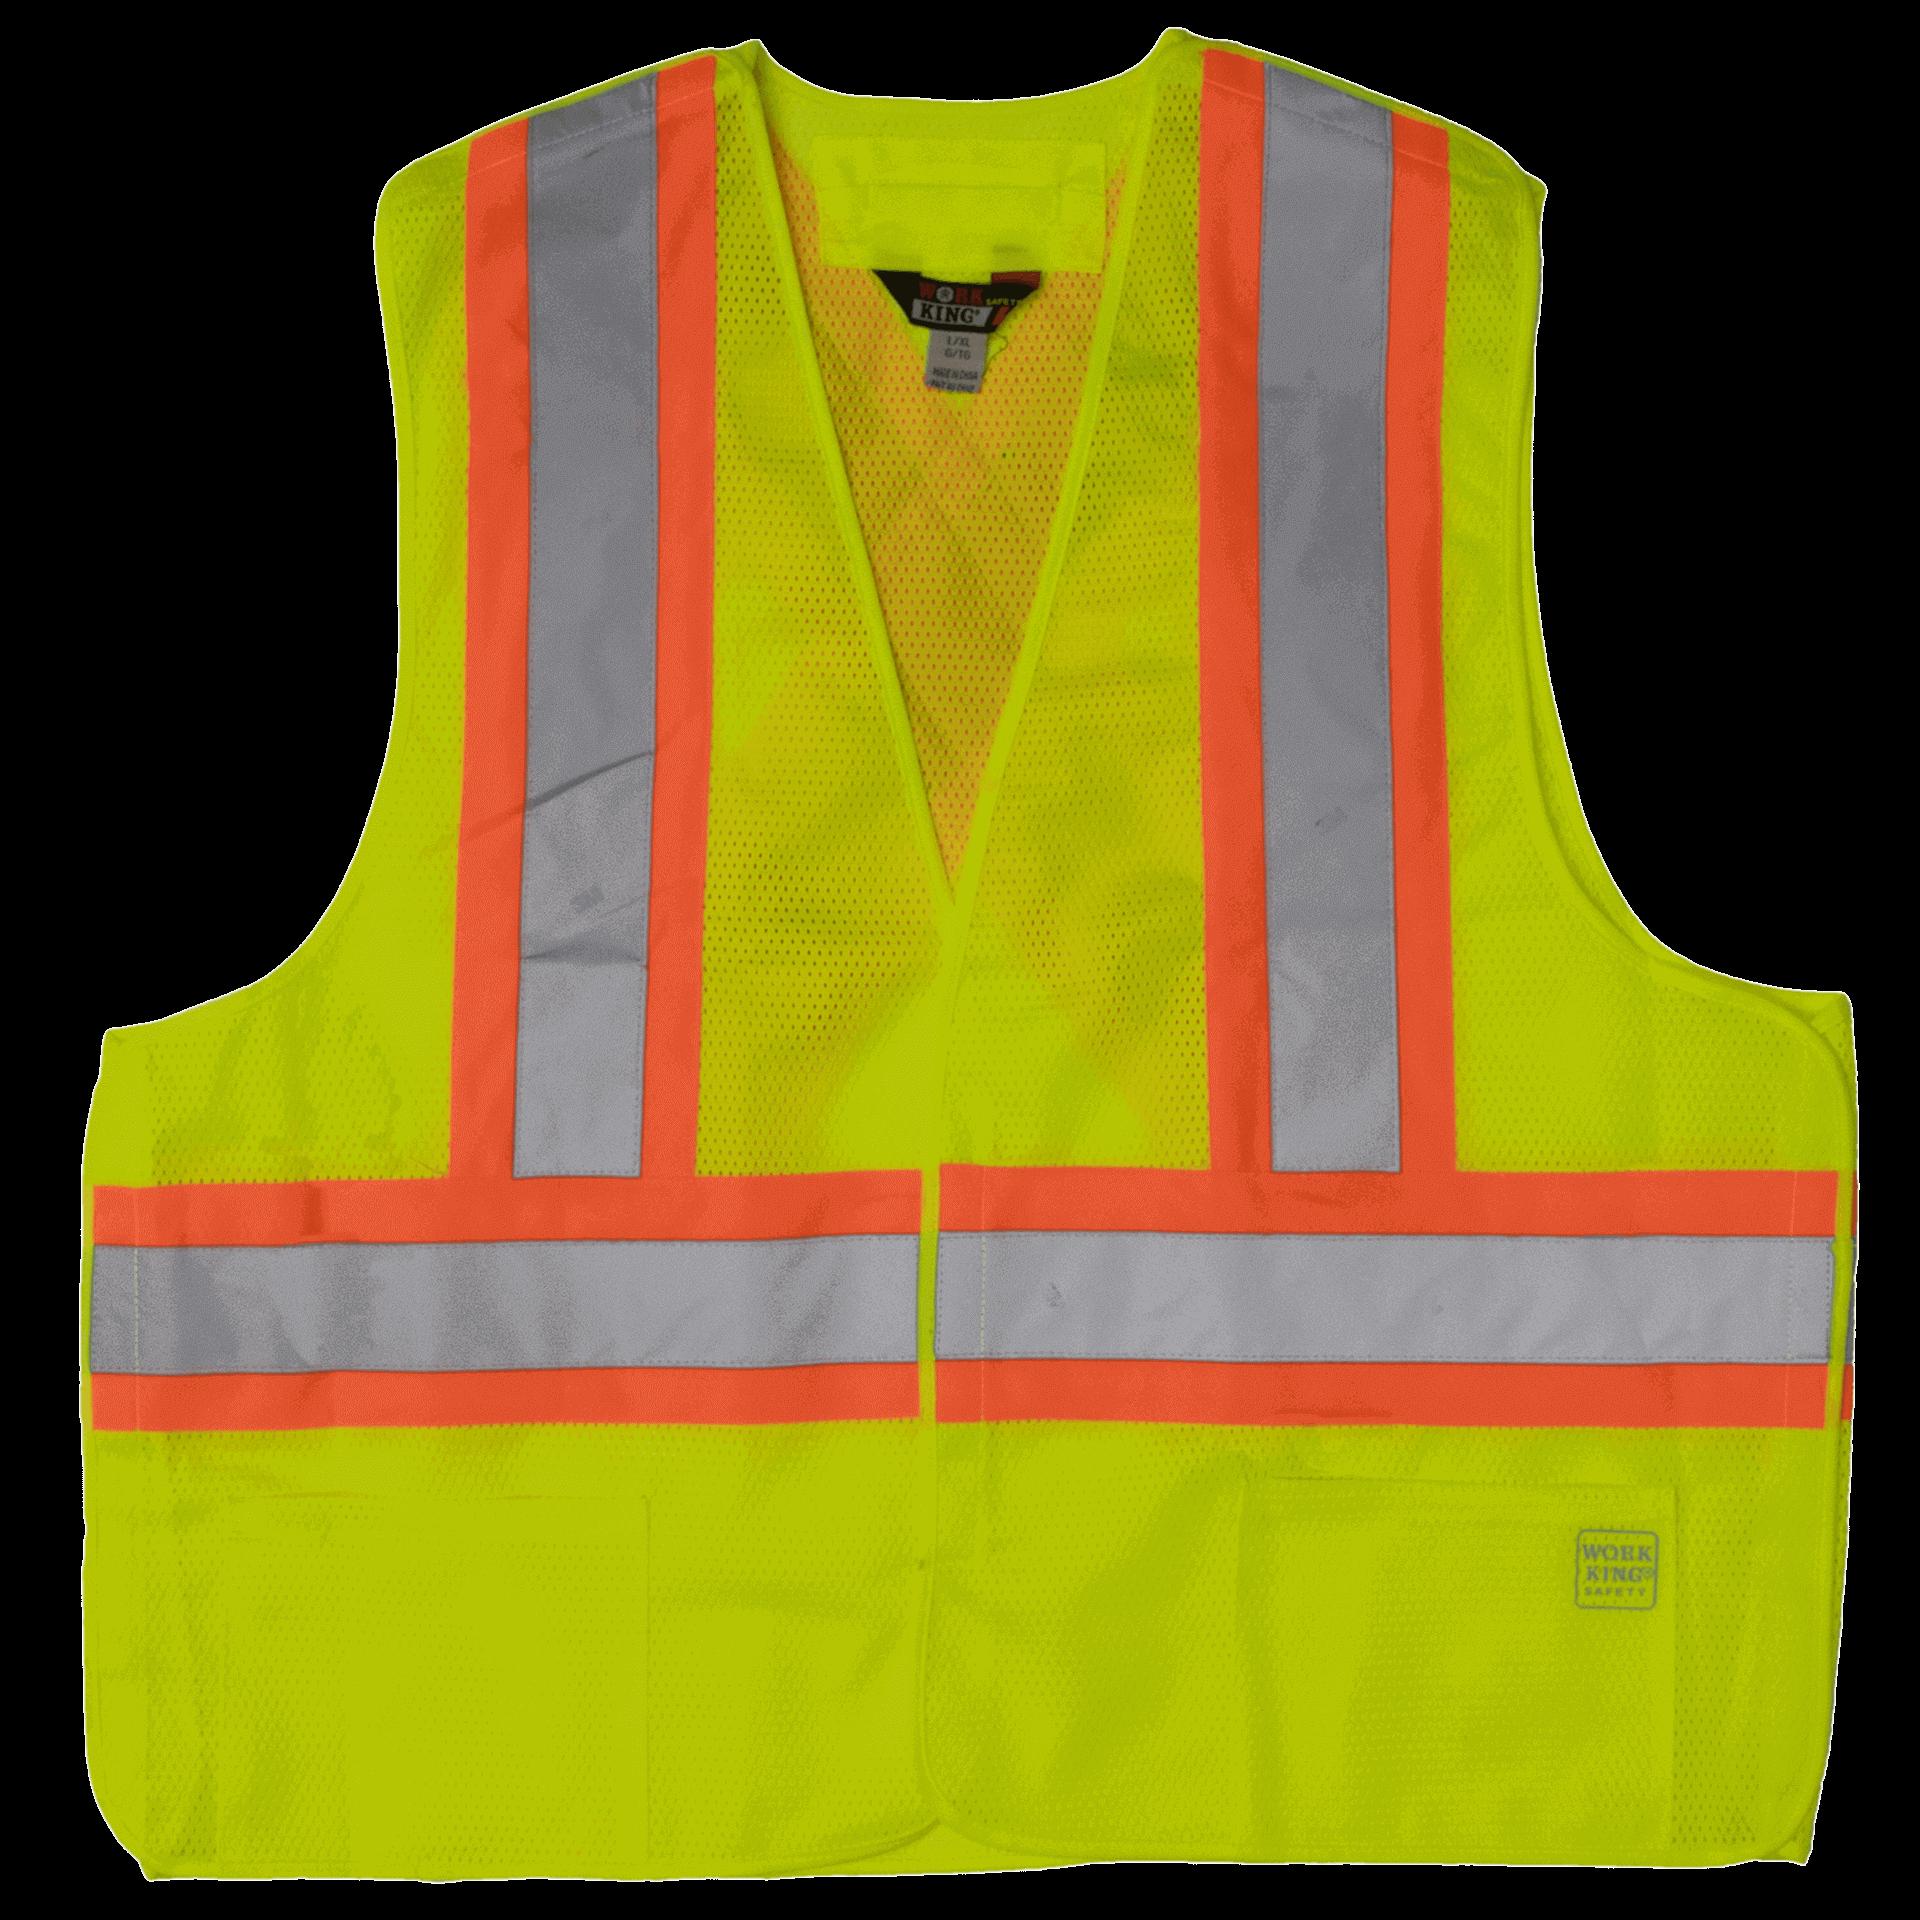 Work King Hi-Vis 5-Point Tearaway Vest (3pk) - S9i0